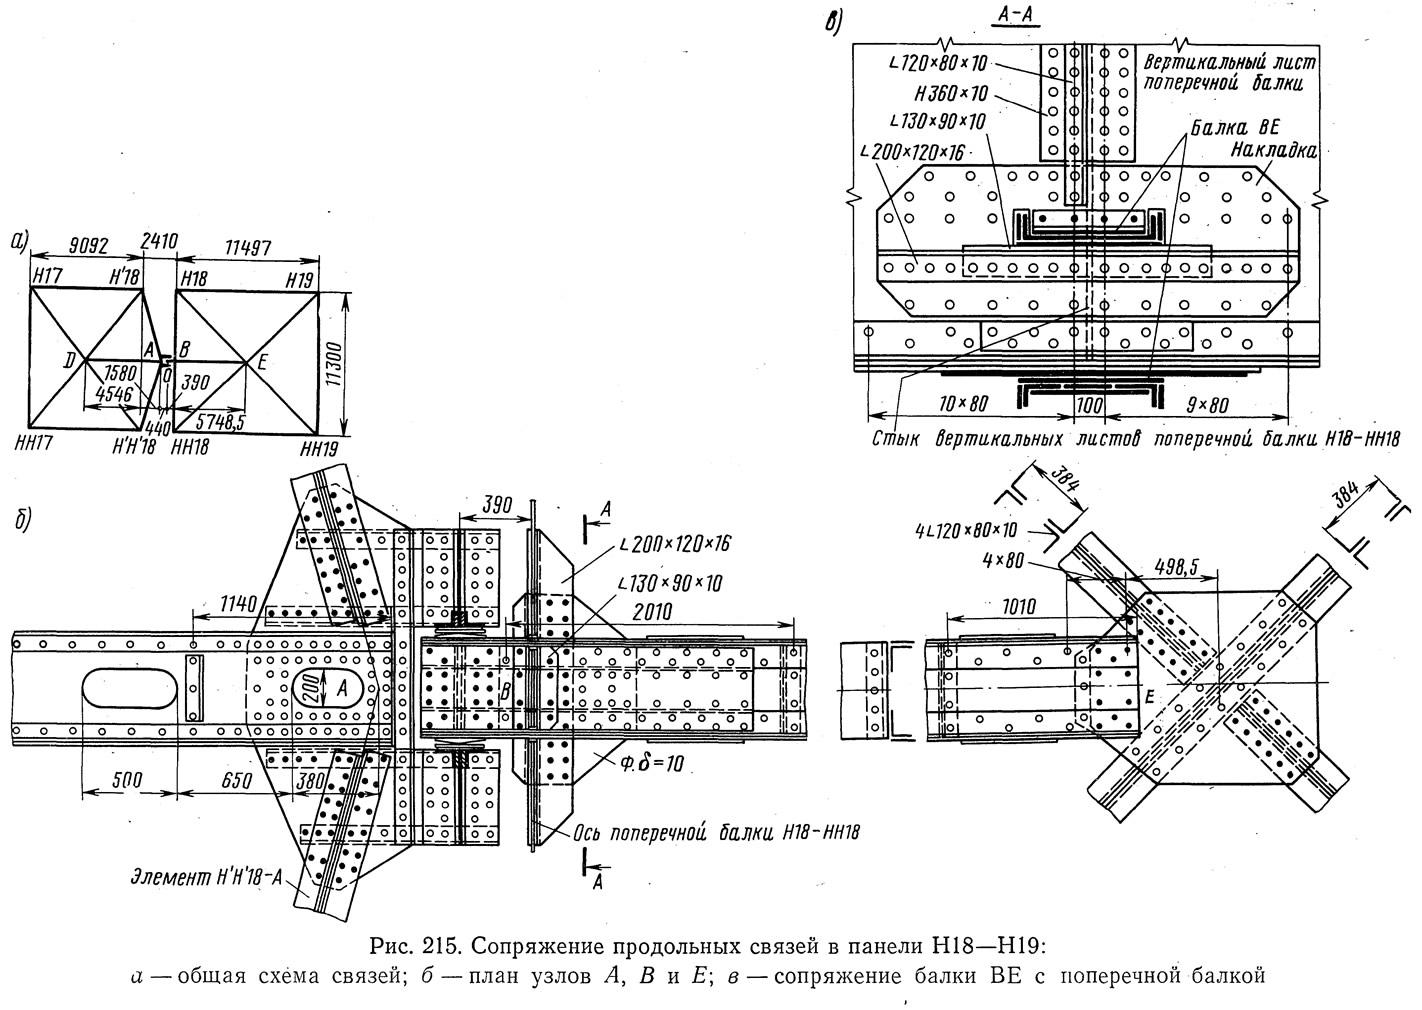 Рис. 215. Сопряжение продольных связей в панели Н18-Н19